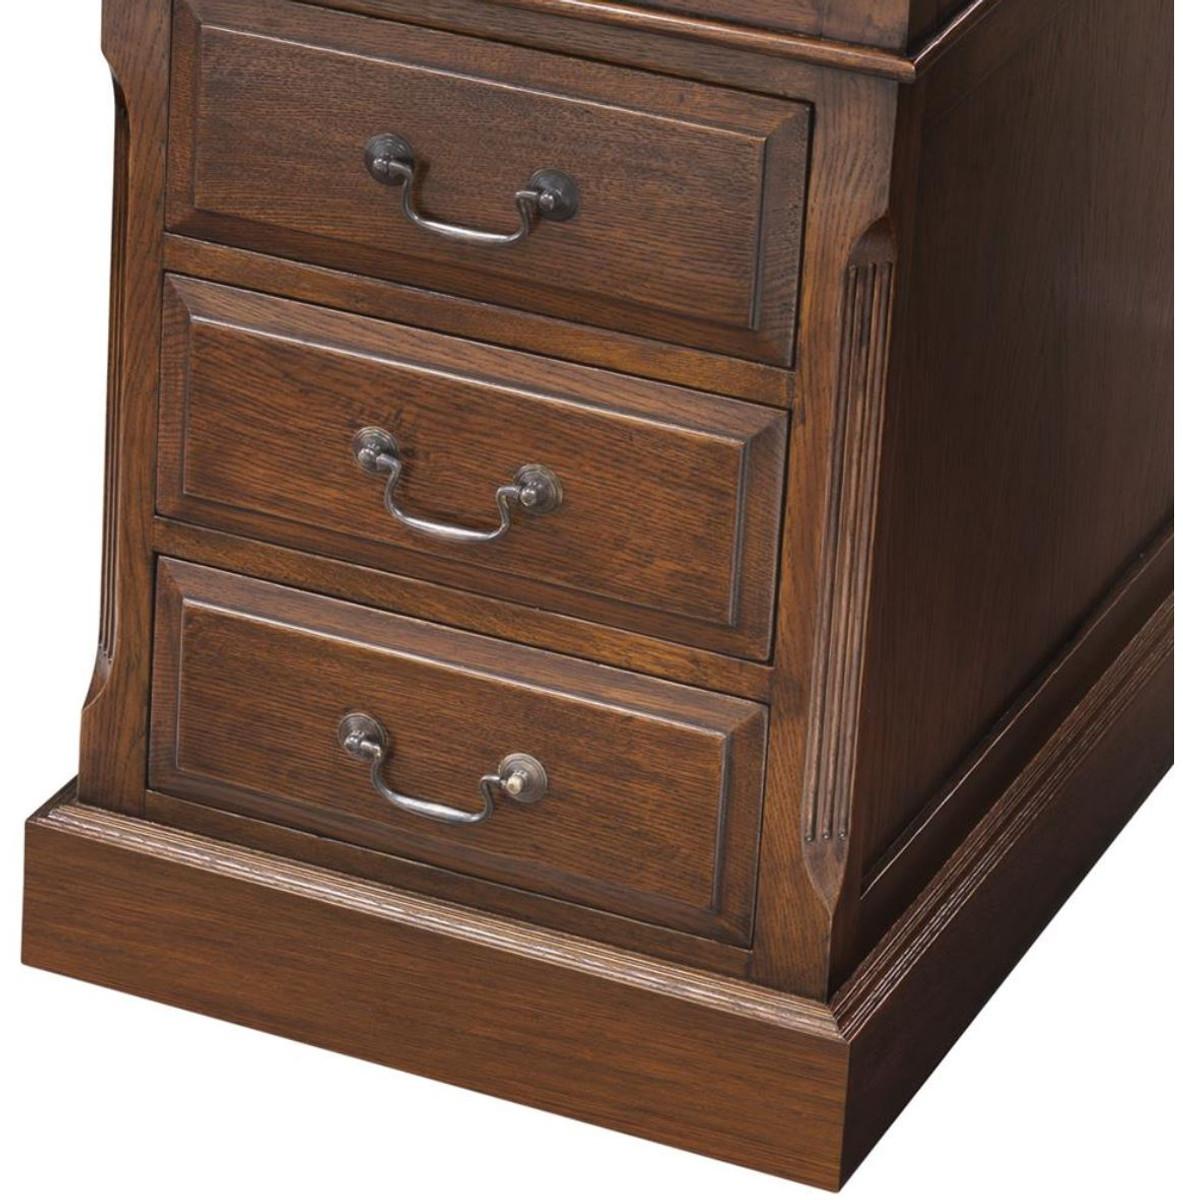 casa padrino luxus schreibtisch dunkelbraun 170 x 80 x h 78 cm m bel im englischen. Black Bedroom Furniture Sets. Home Design Ideas